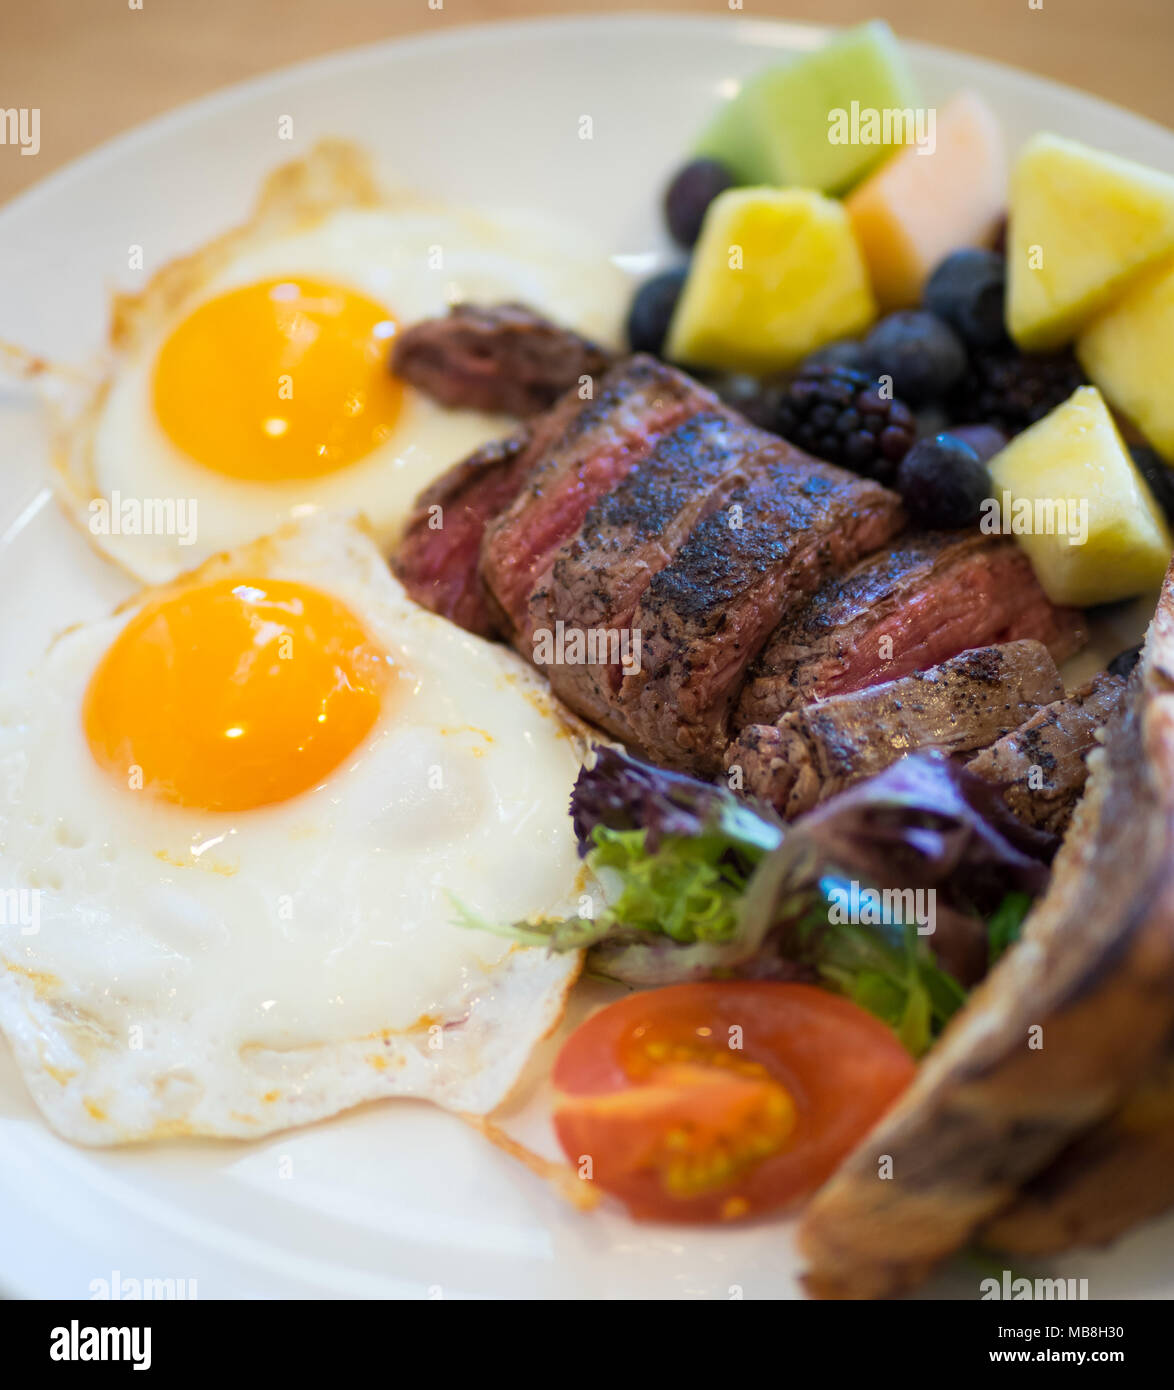 Bistecca uova per colazione a Natale Diner a Saskatoon, Canada. Raro medie bistecca di fianco, sul lato soleggiato di uova, marmo segale tostato e frutta nella foto. Immagini Stock